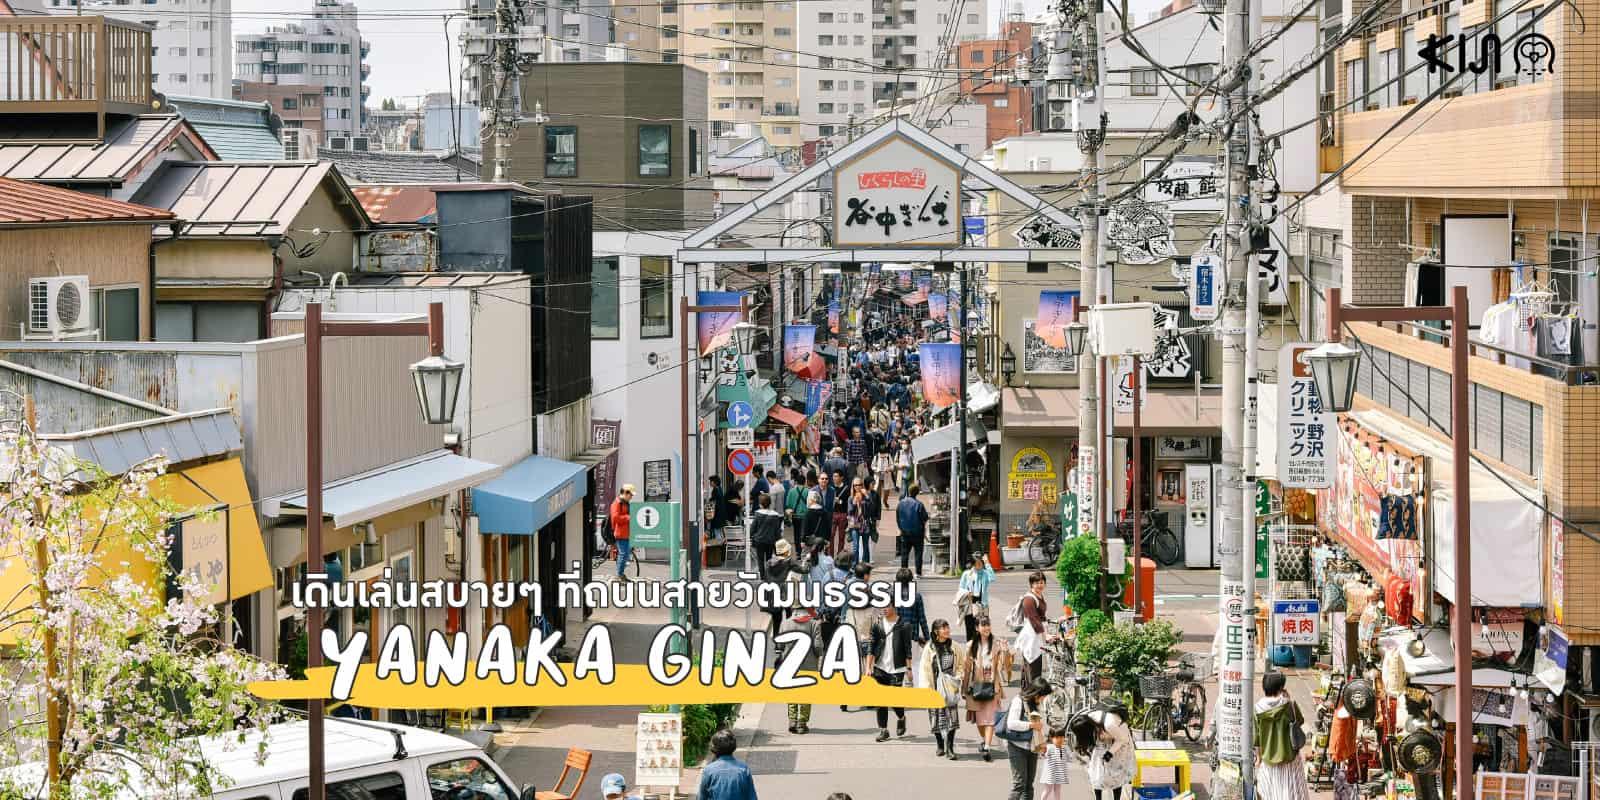 Yanaka Ginza ย่านตลาดเก่าแก่ ถนนช็อปปิ้งสายวัฒนธรรมของงโตเกียว